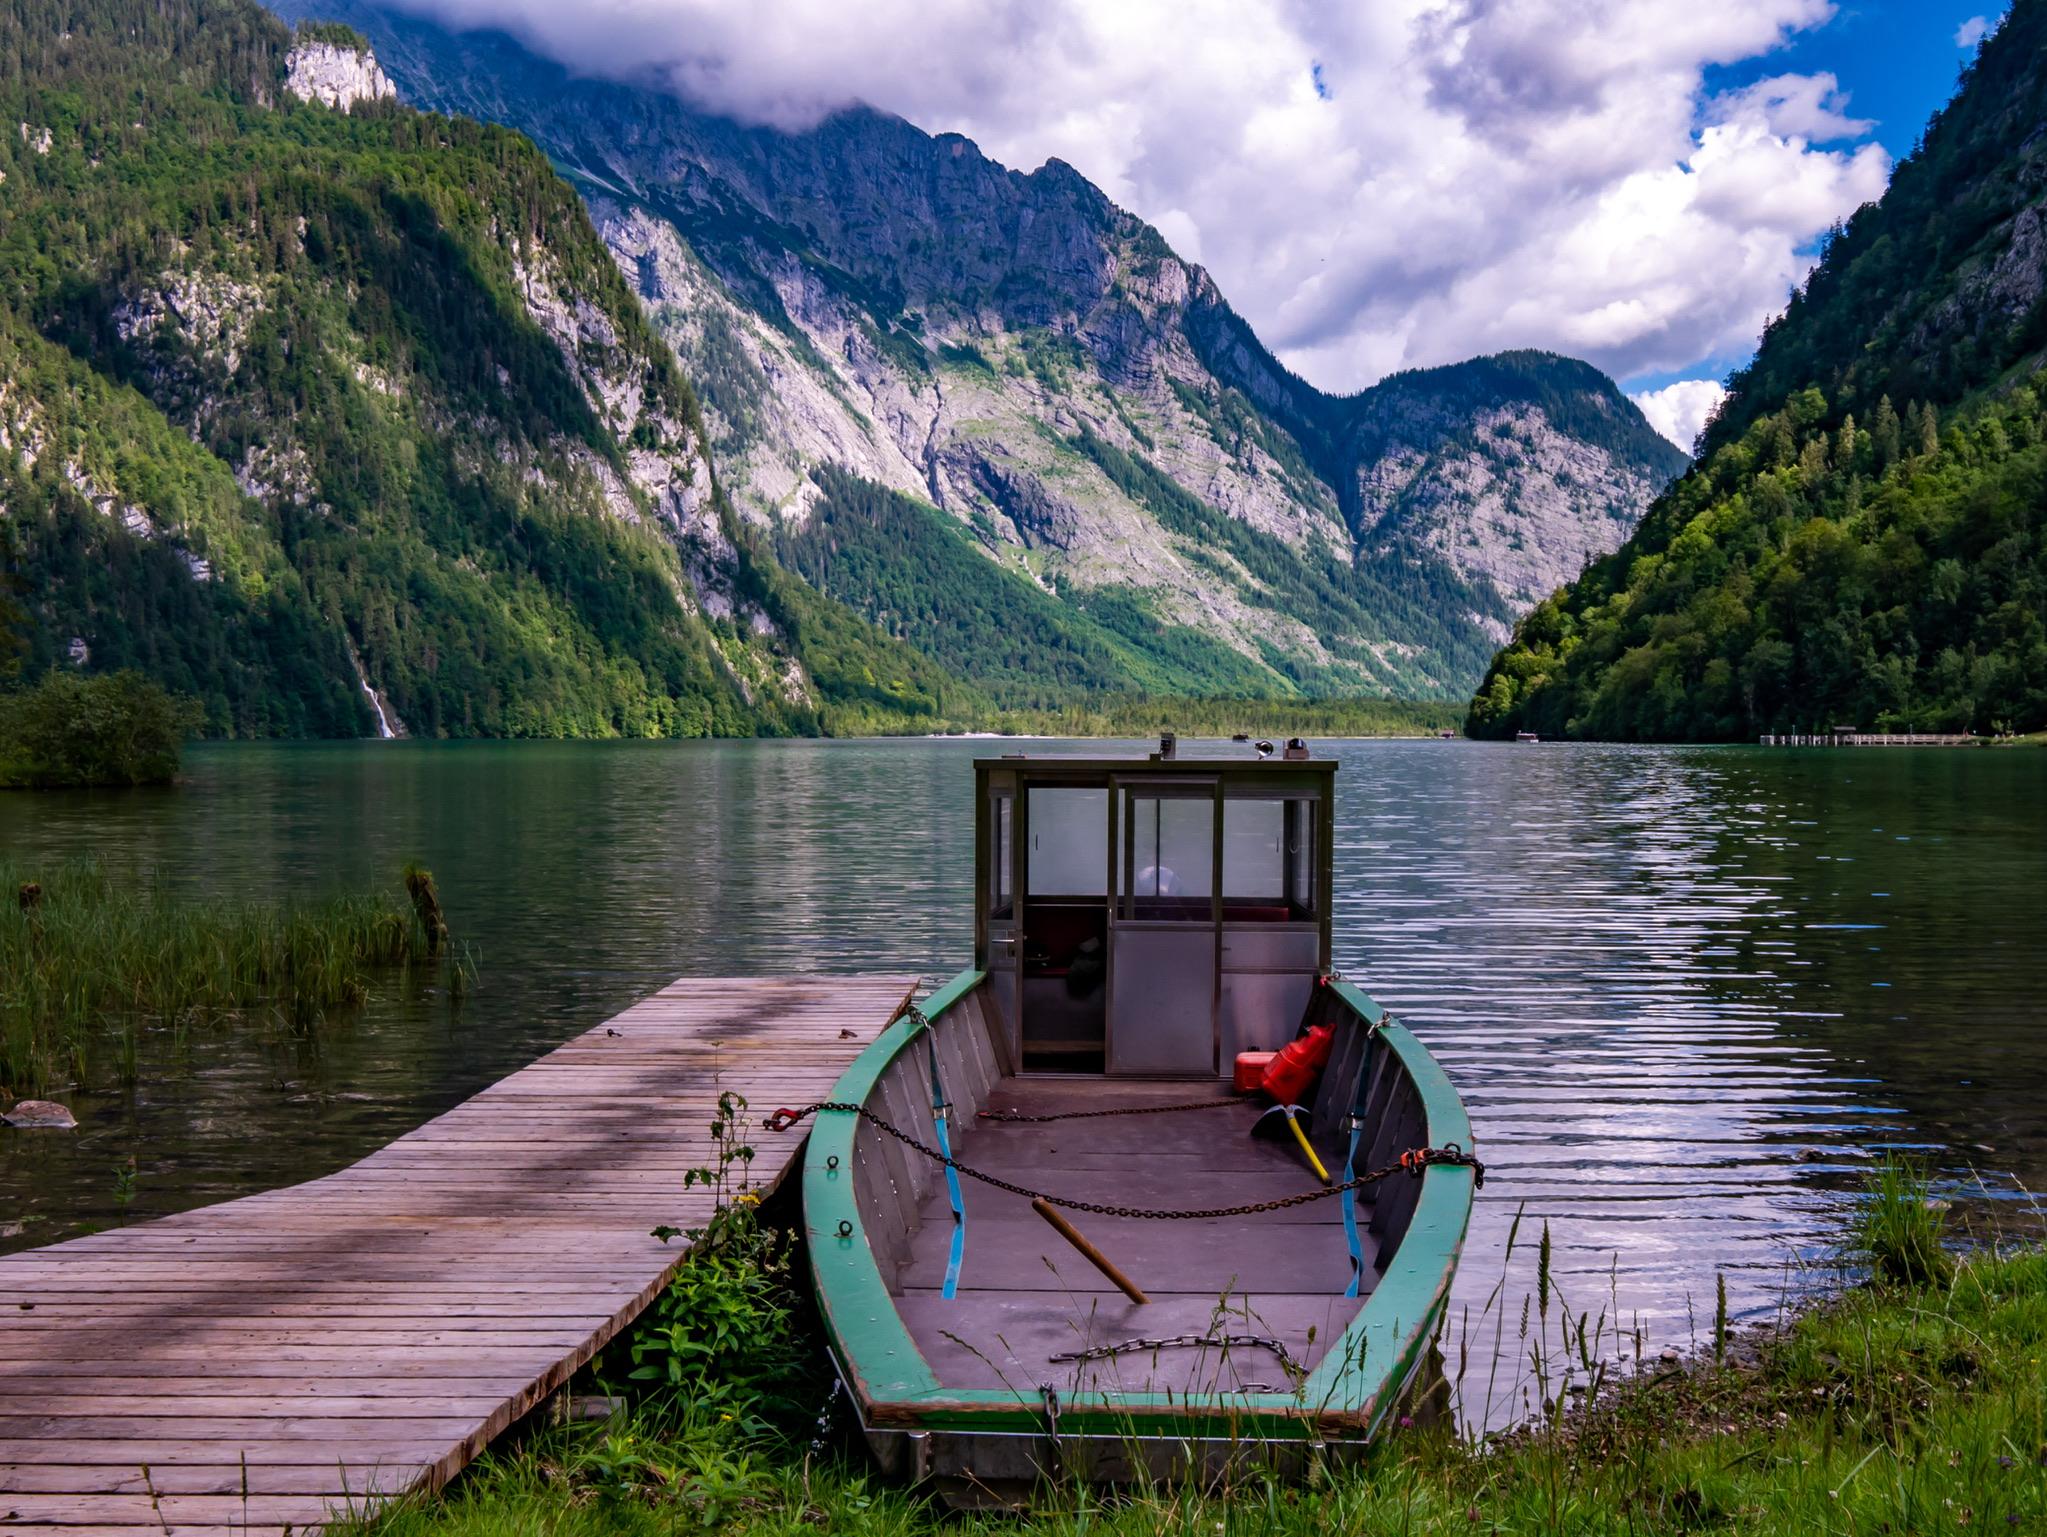 südlicher Königssee, Bavaria, Germany